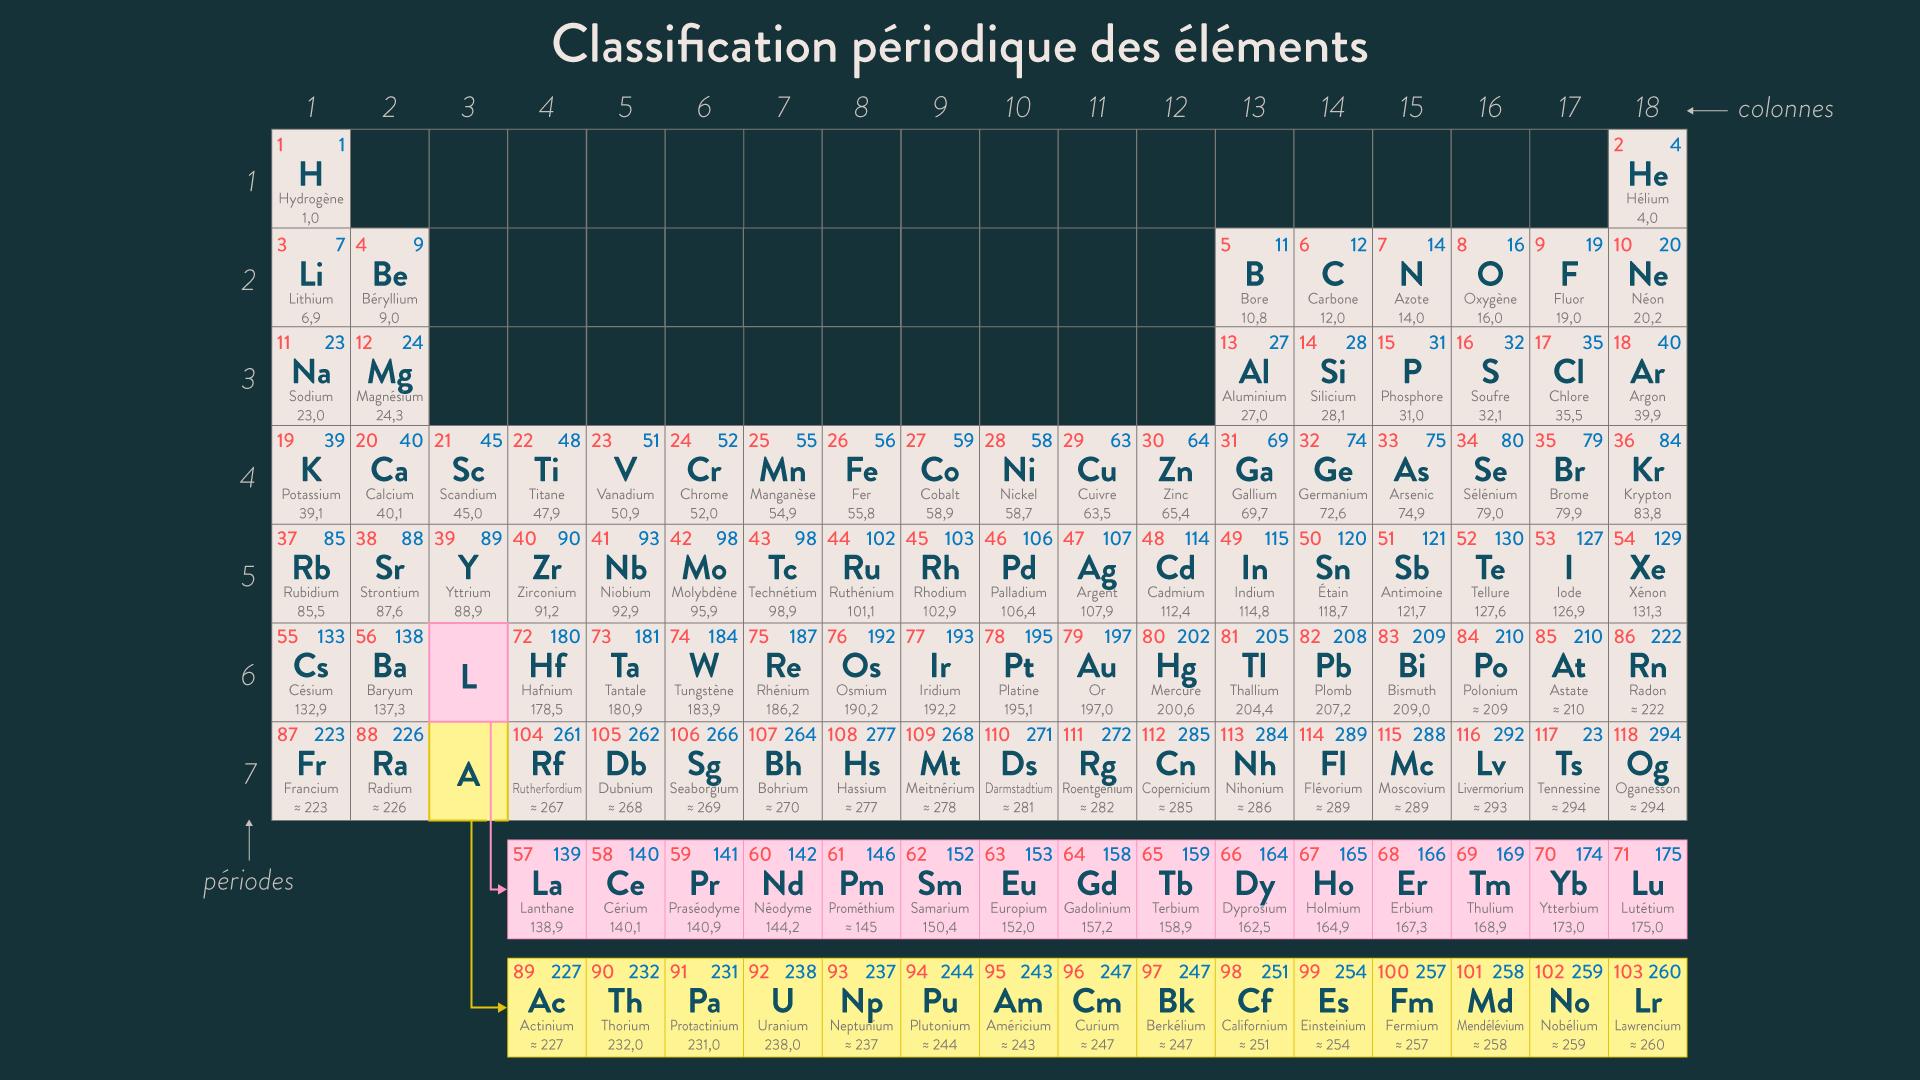 Tableau de classification périodique des éléments